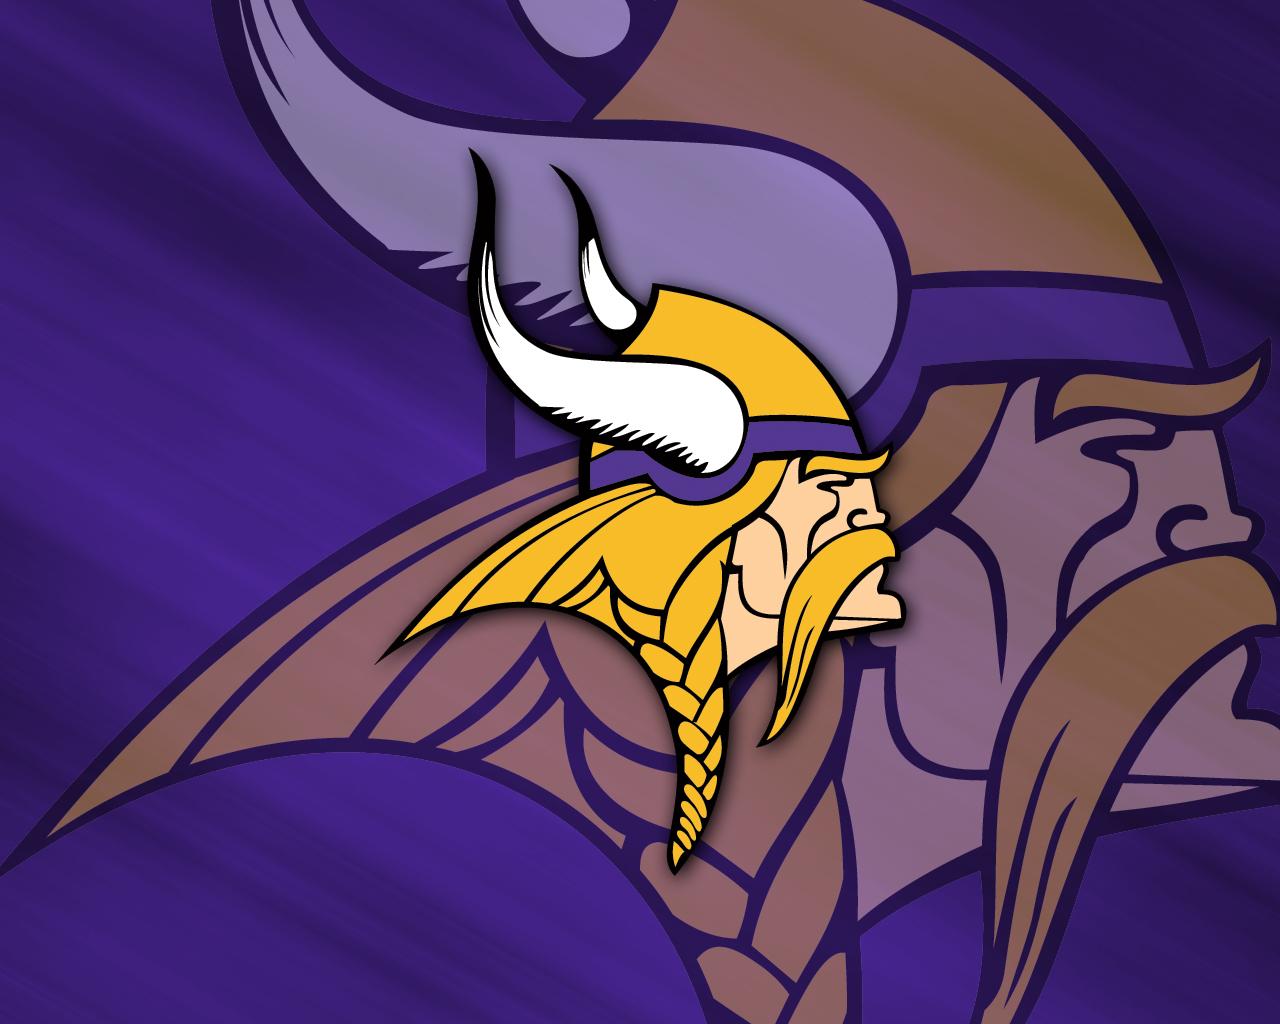 Minnesota Vikings (NFL)